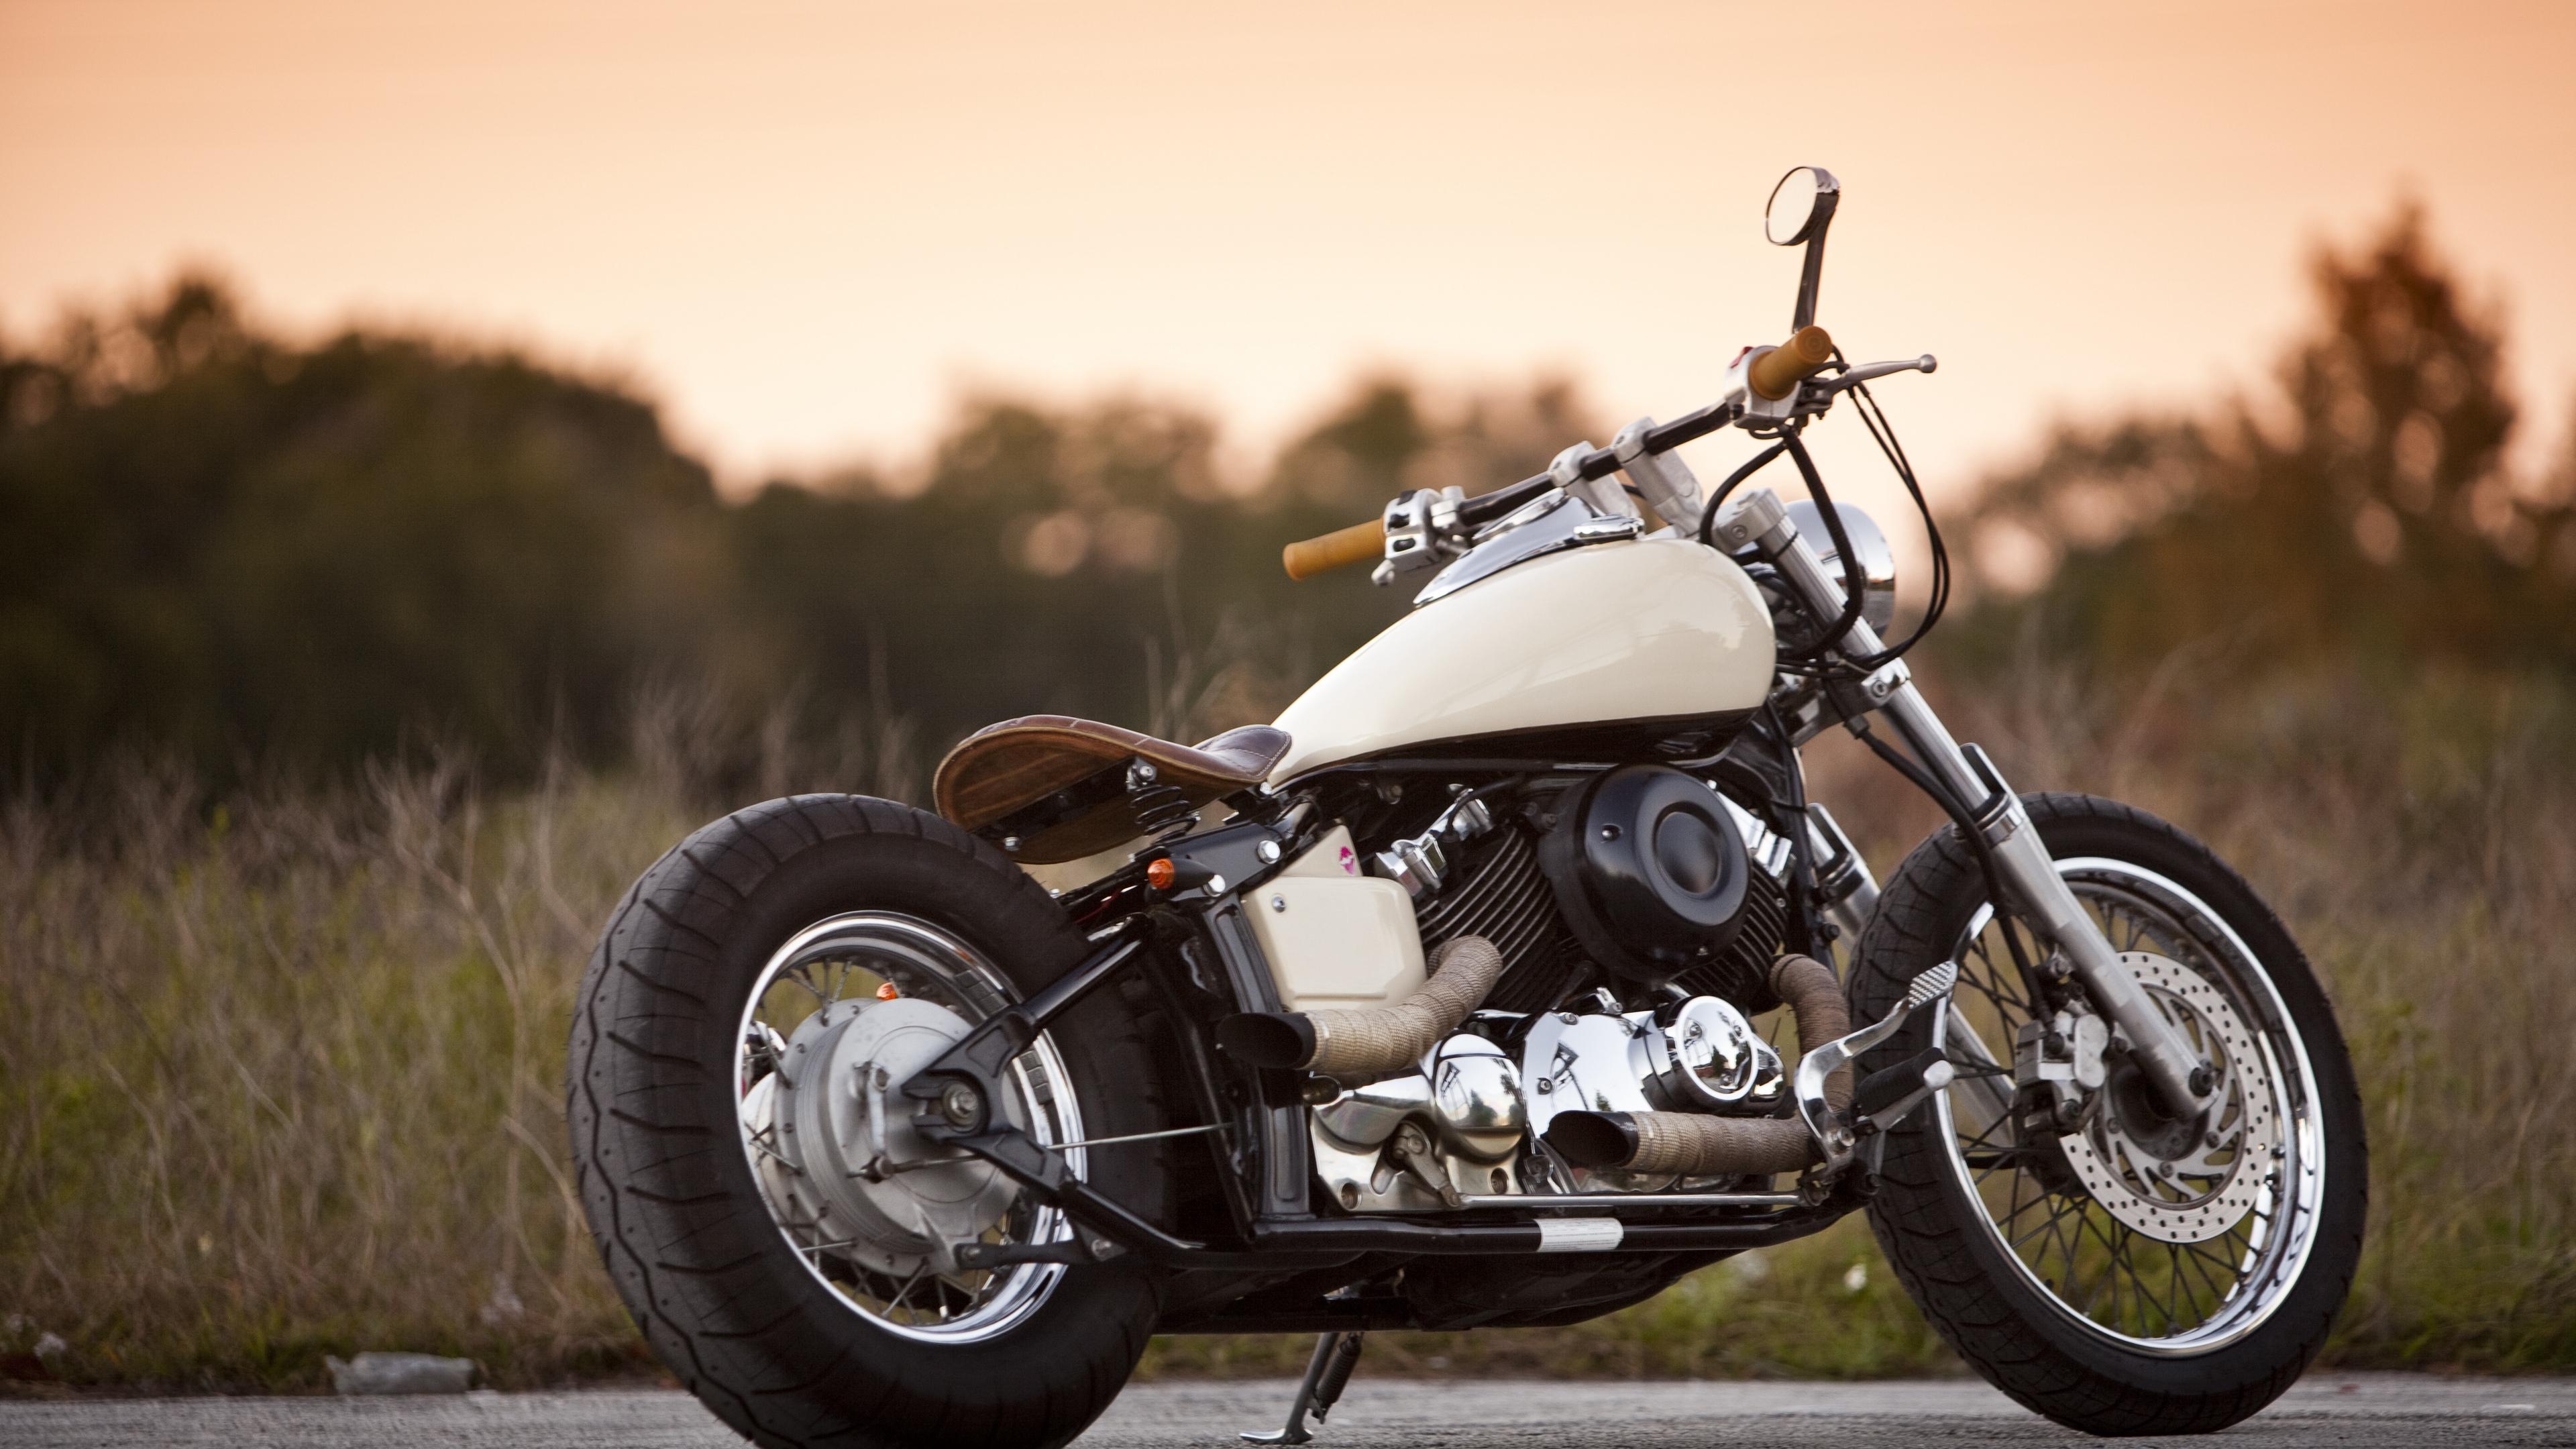 yamaha 650 yamaha motorcycle bike 4k 1536018874 - yamaha 650, yamaha, motorcycle, bike 4k - yamaha 650, Yamaha, Motorcycle